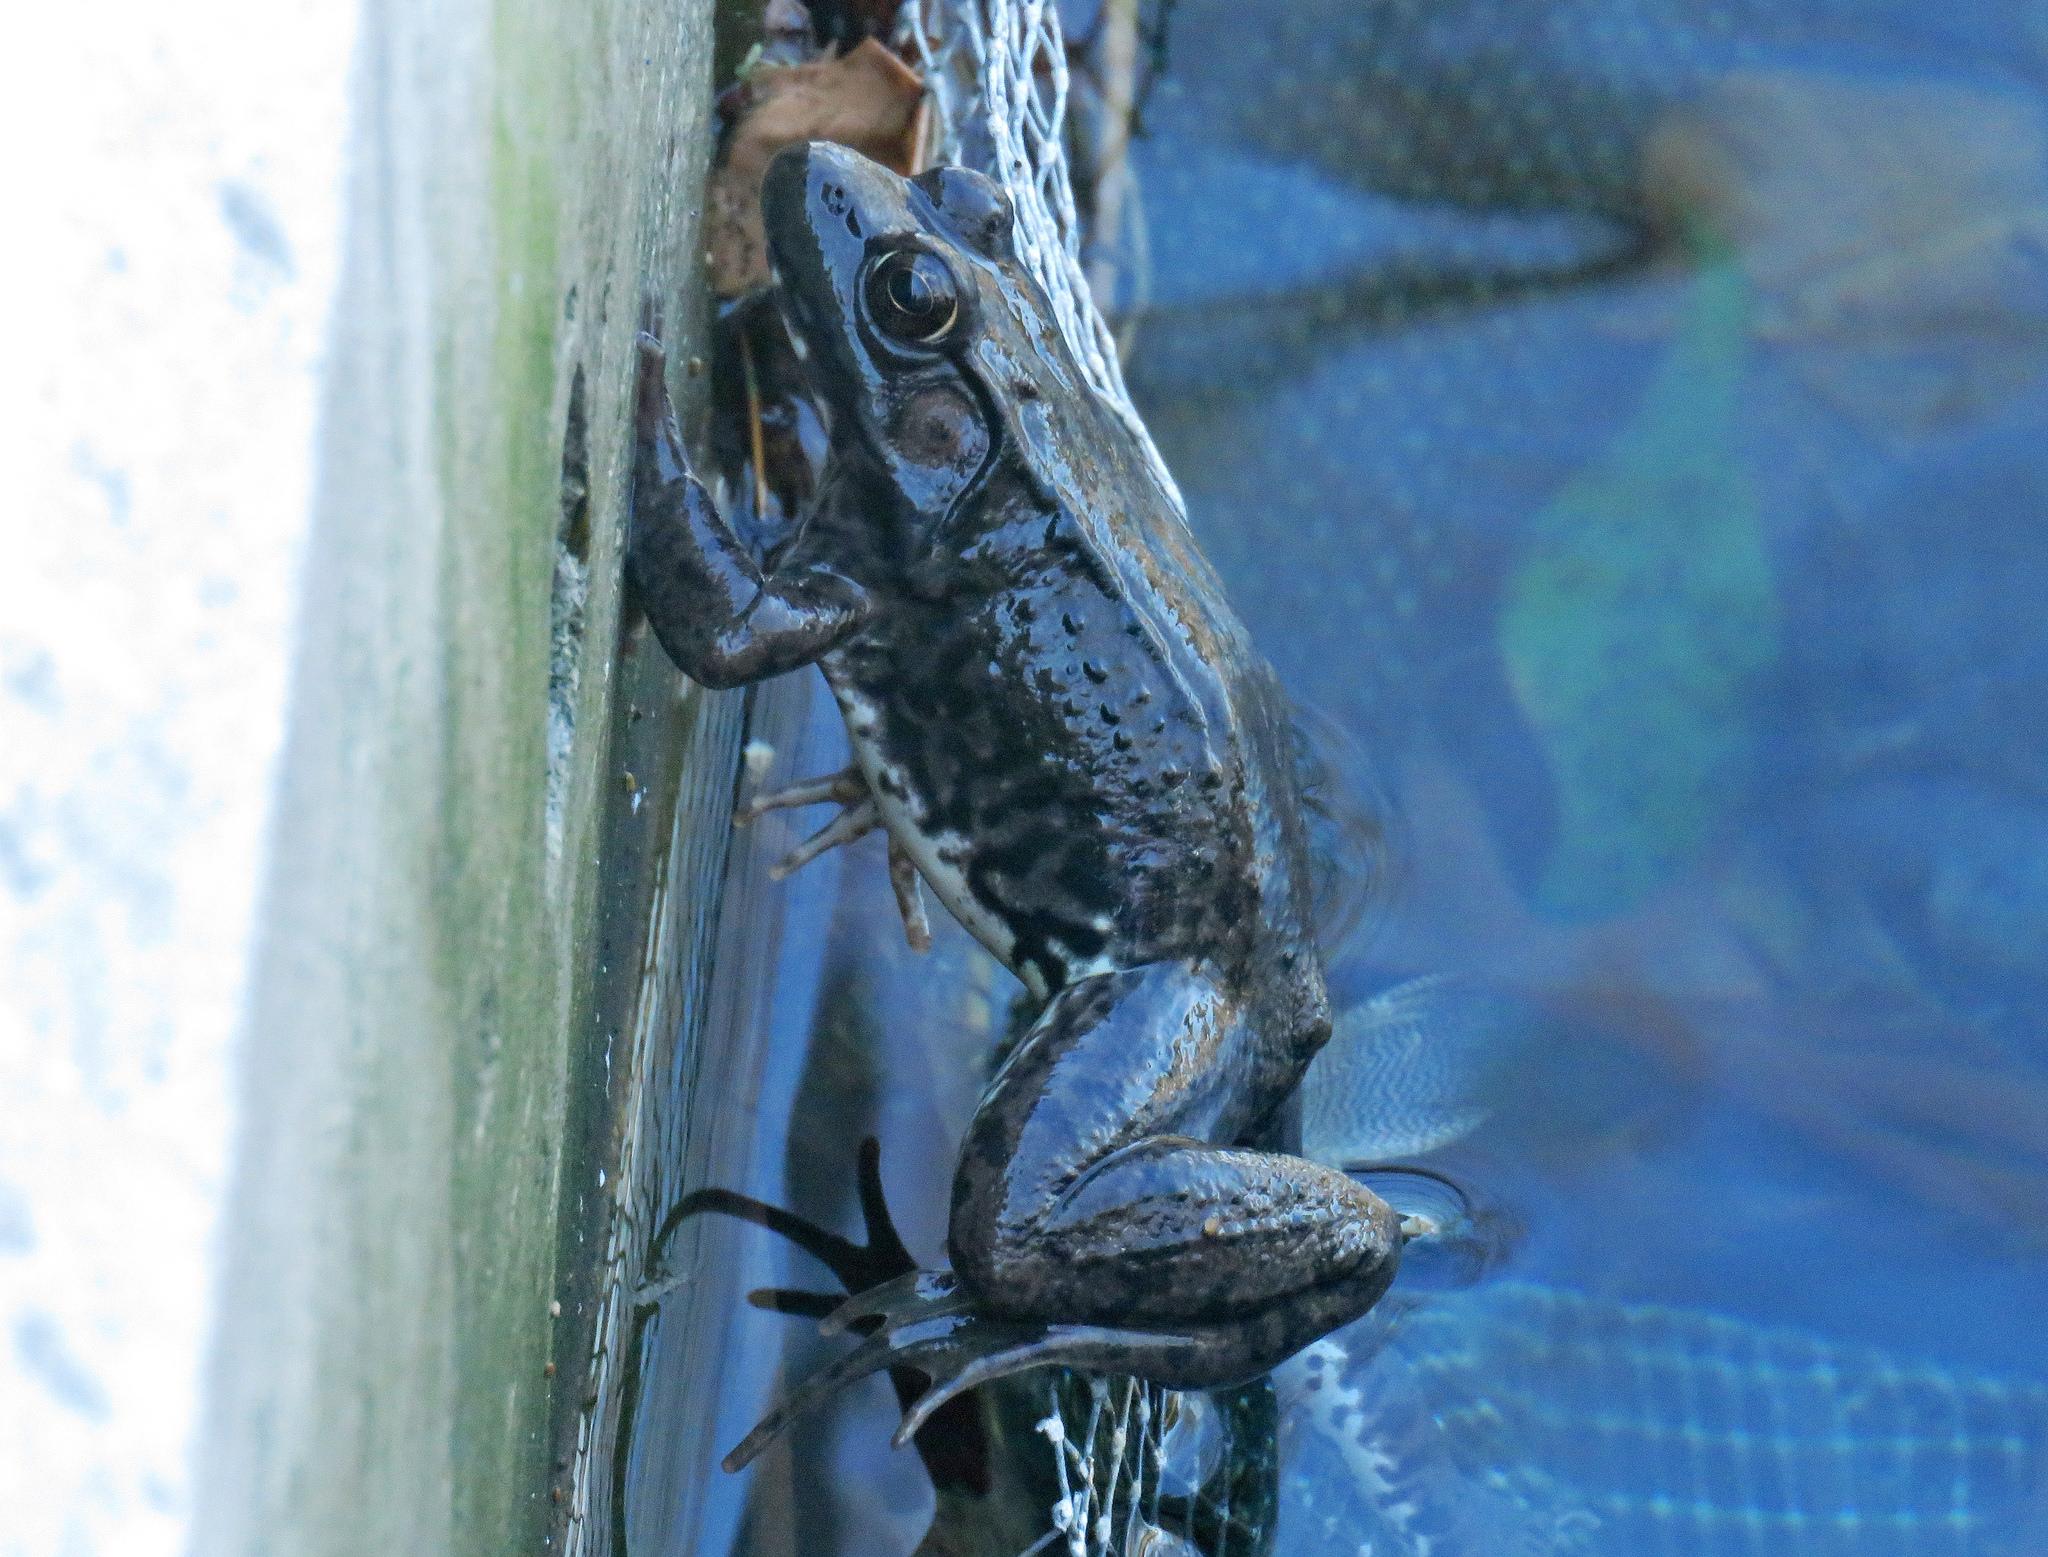 Green frog (<em>Lithobates clamitans</em>)